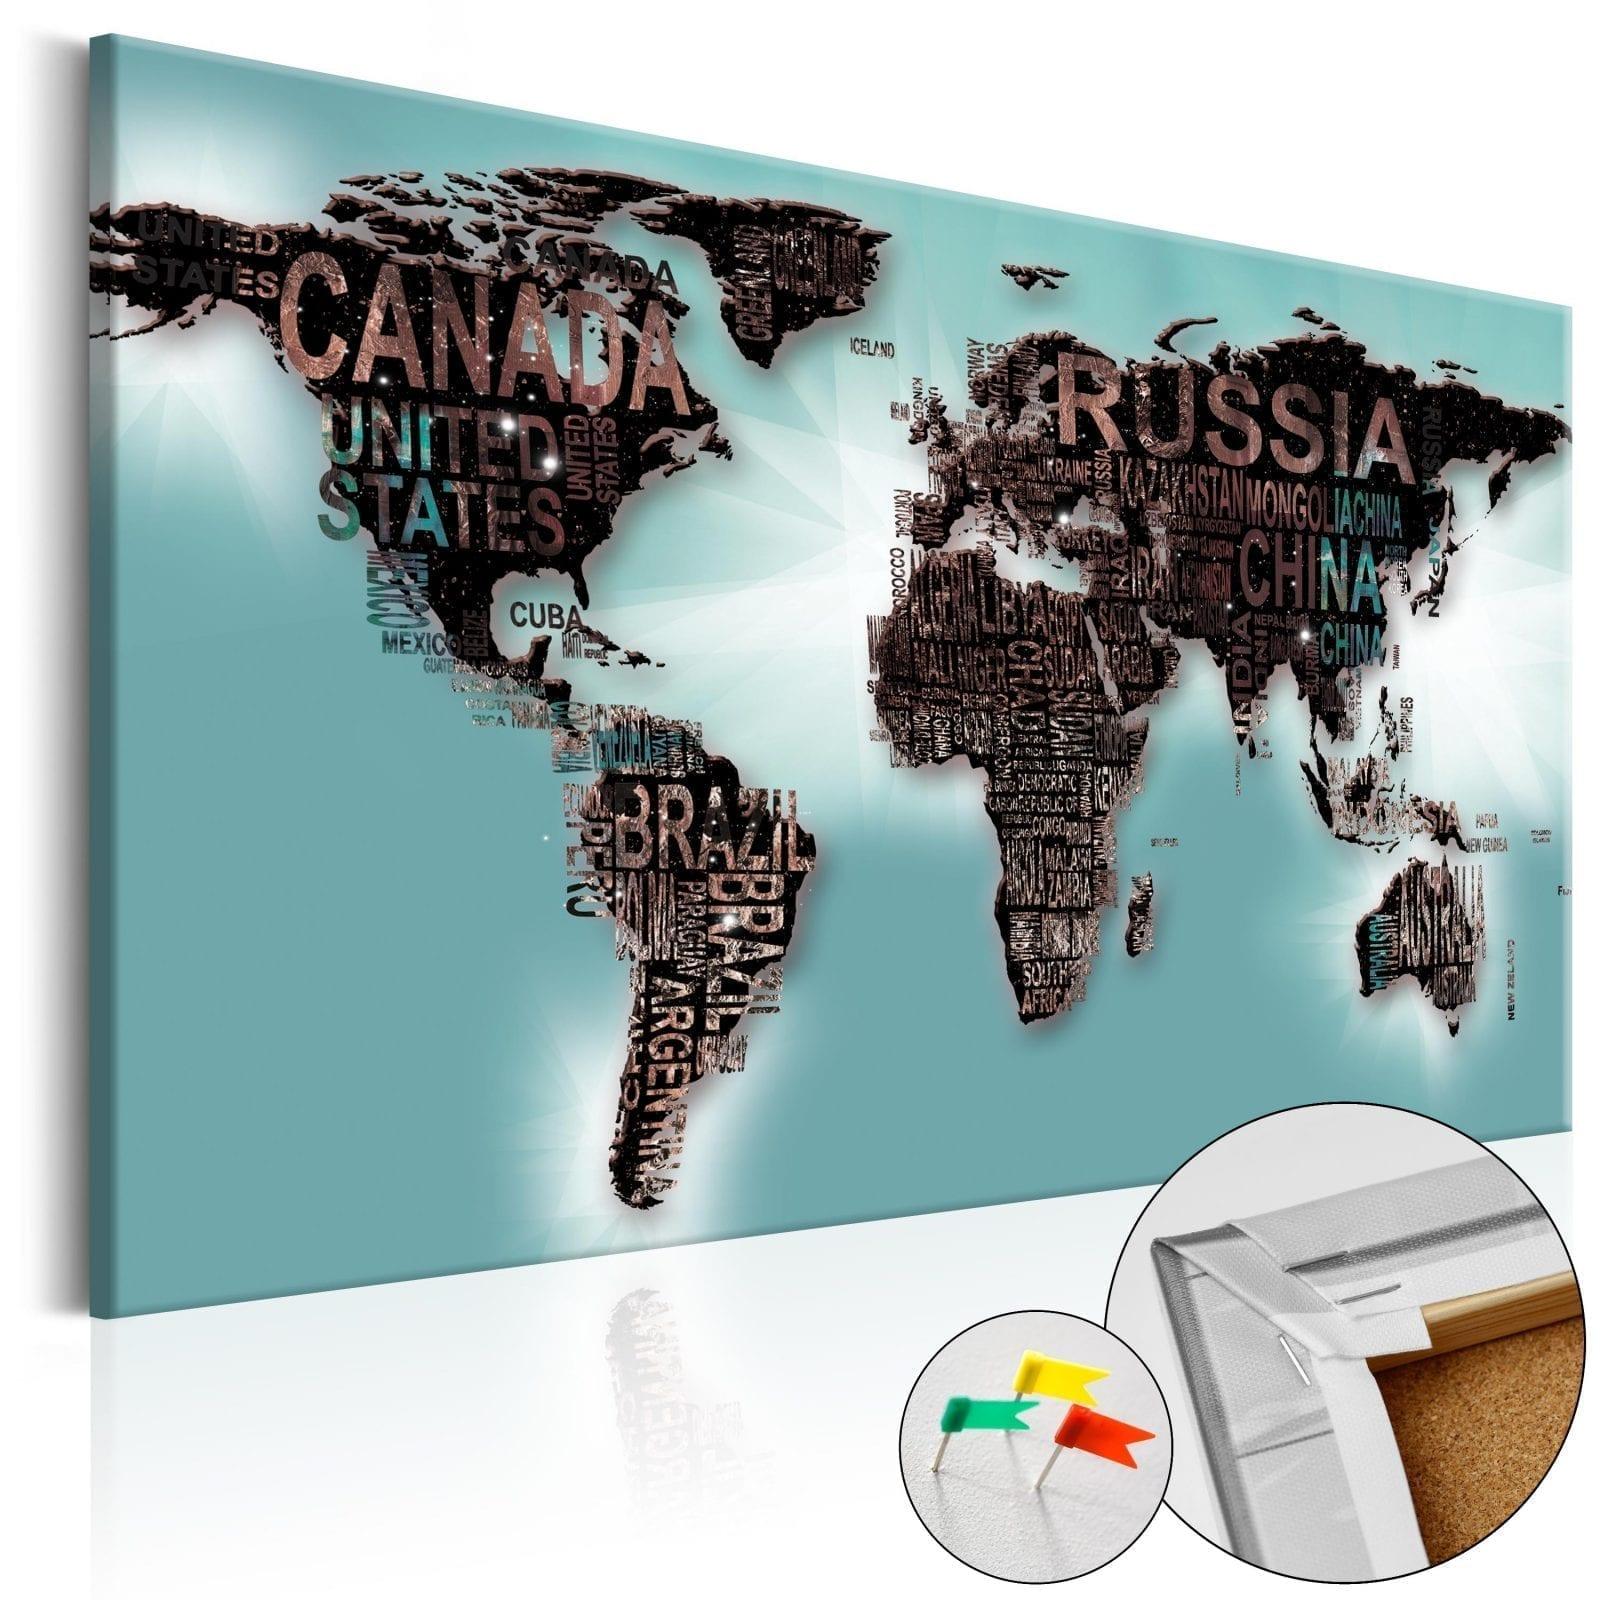 Tablero de corcho - Subtlety of the World 1   Potspintura.com